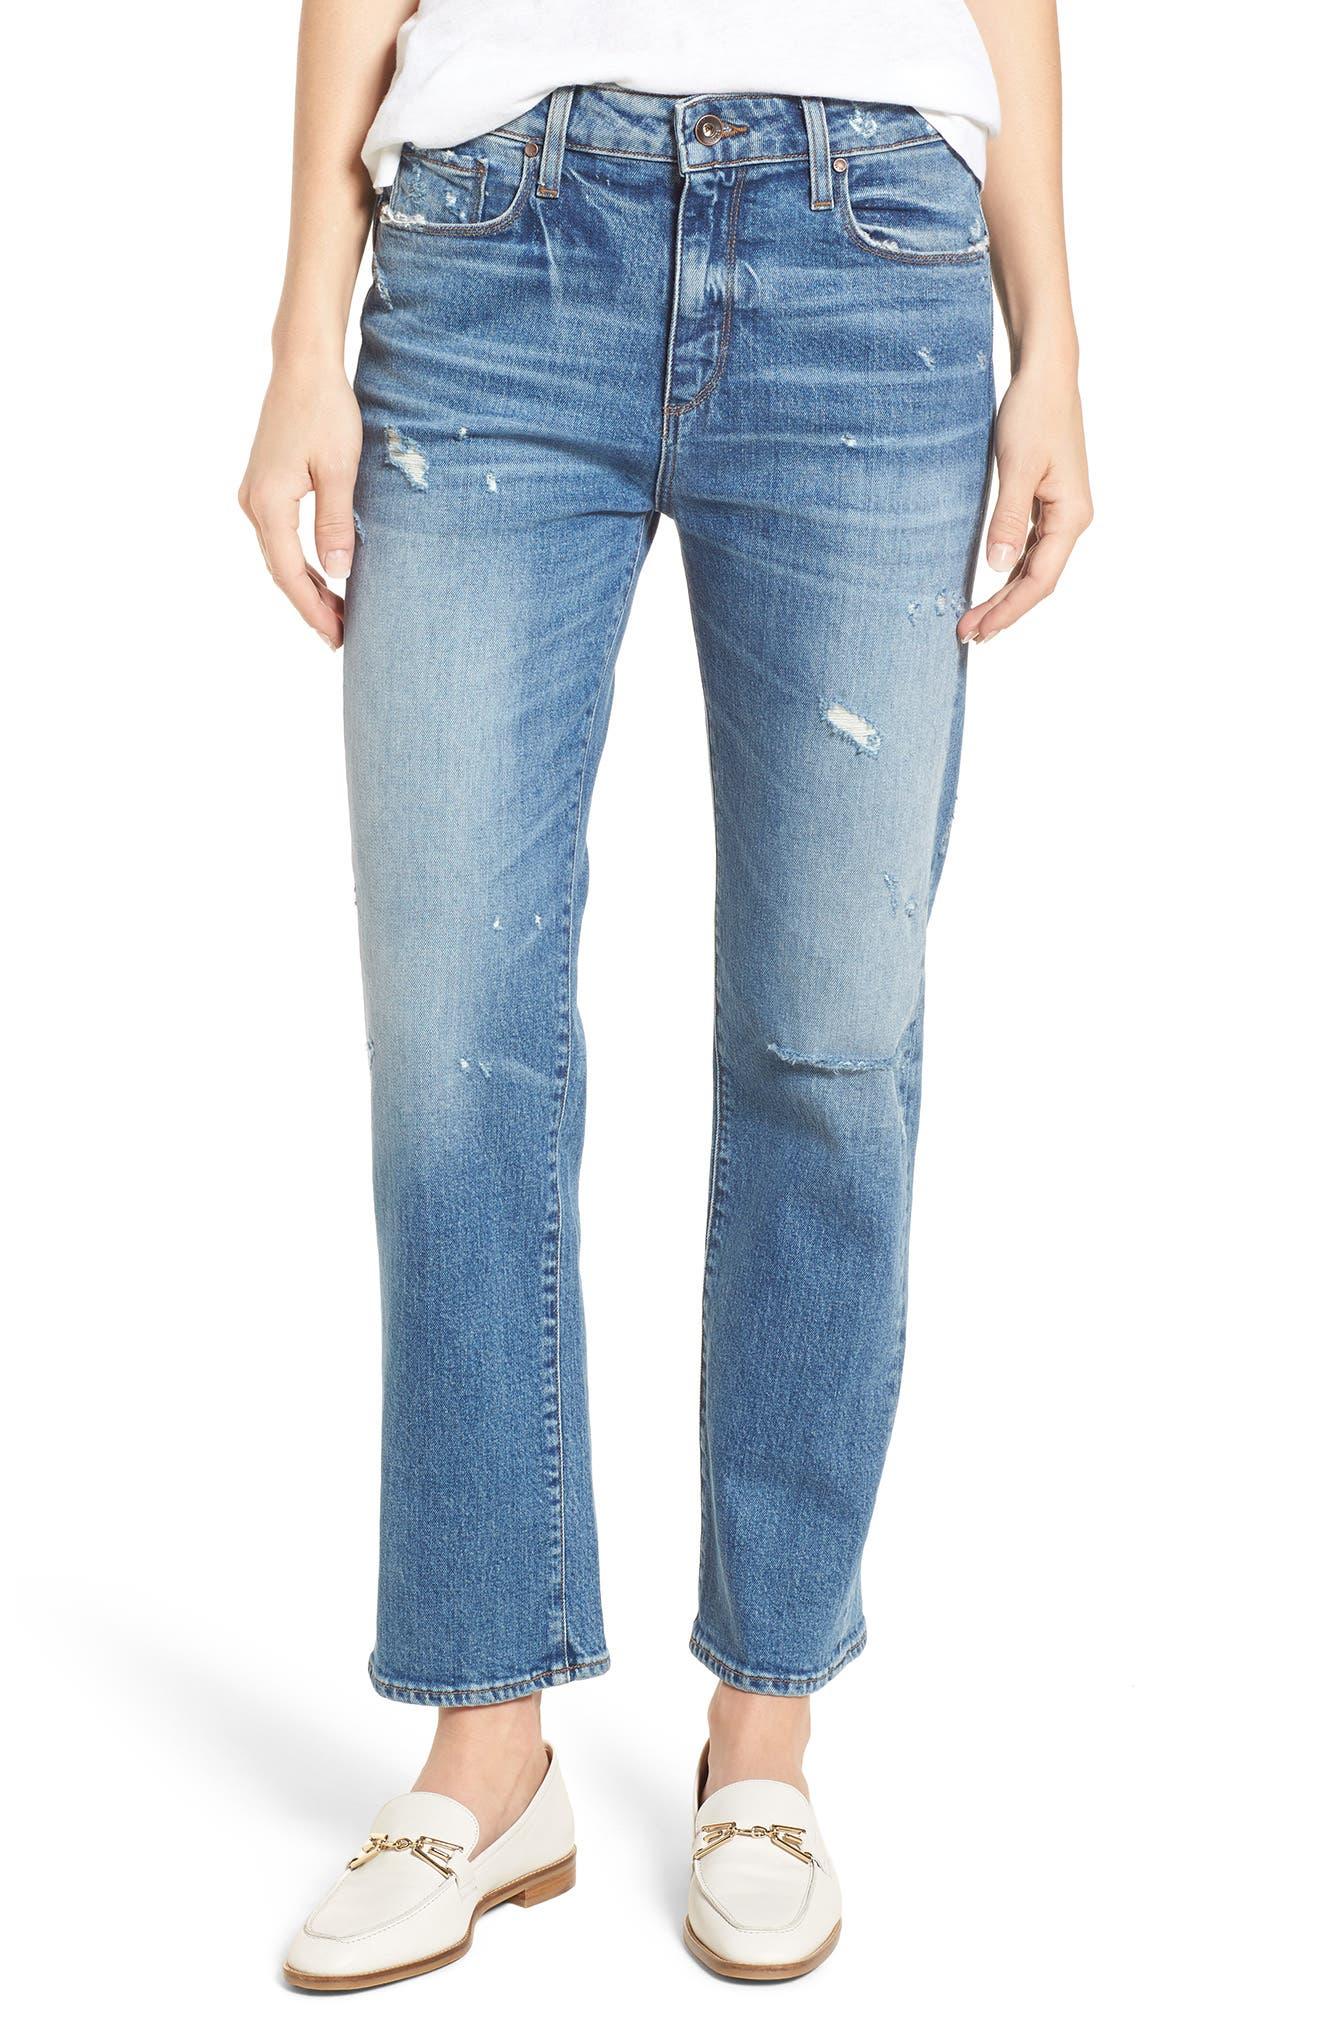 PAIGE Transcend Vintage - Noella Straight Leg Jeans (Iola)